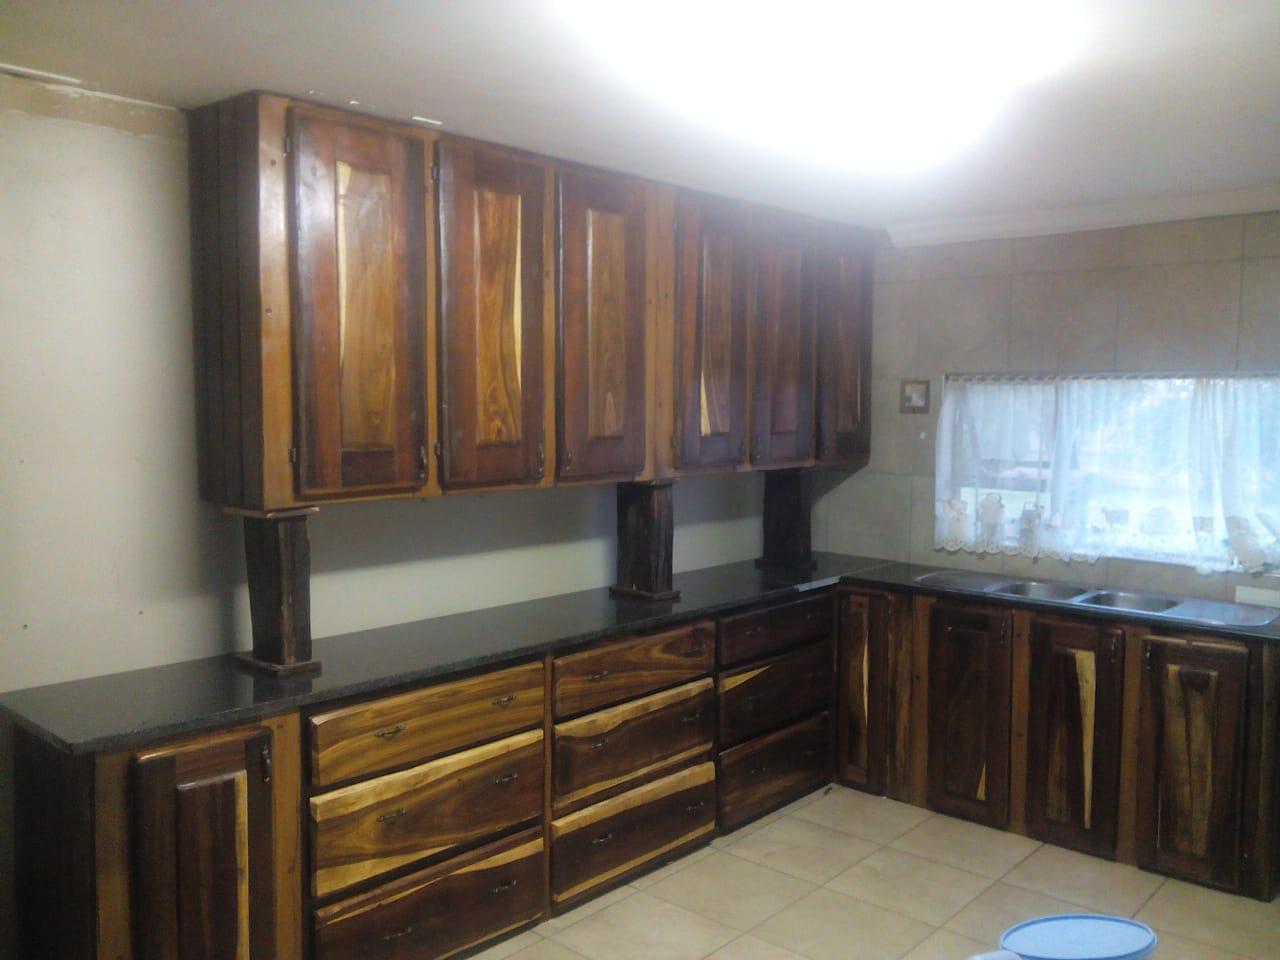 Sleeper Kitchen Cupboards